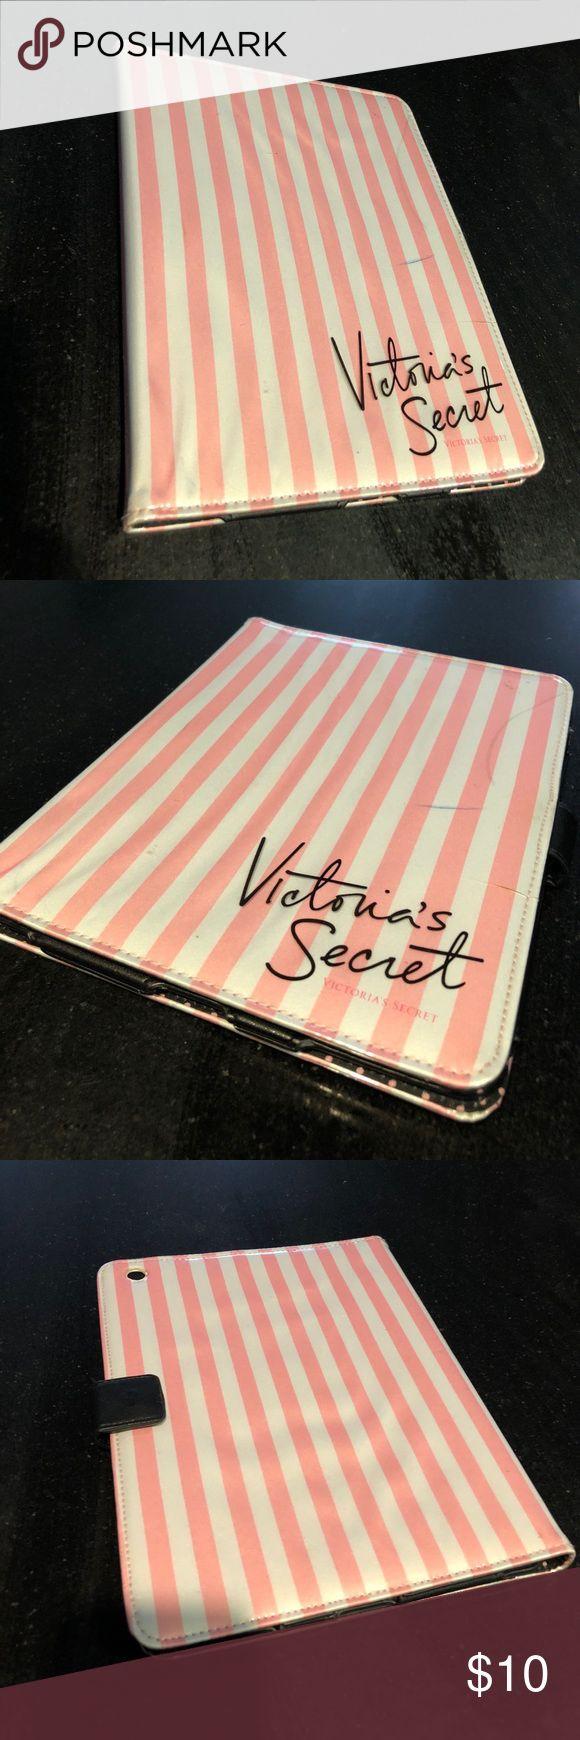 Victoria's Secret iPad 2 Case Make me an offer - I accept reasonable offers Victoria's Secret Accessories Tablet Cases